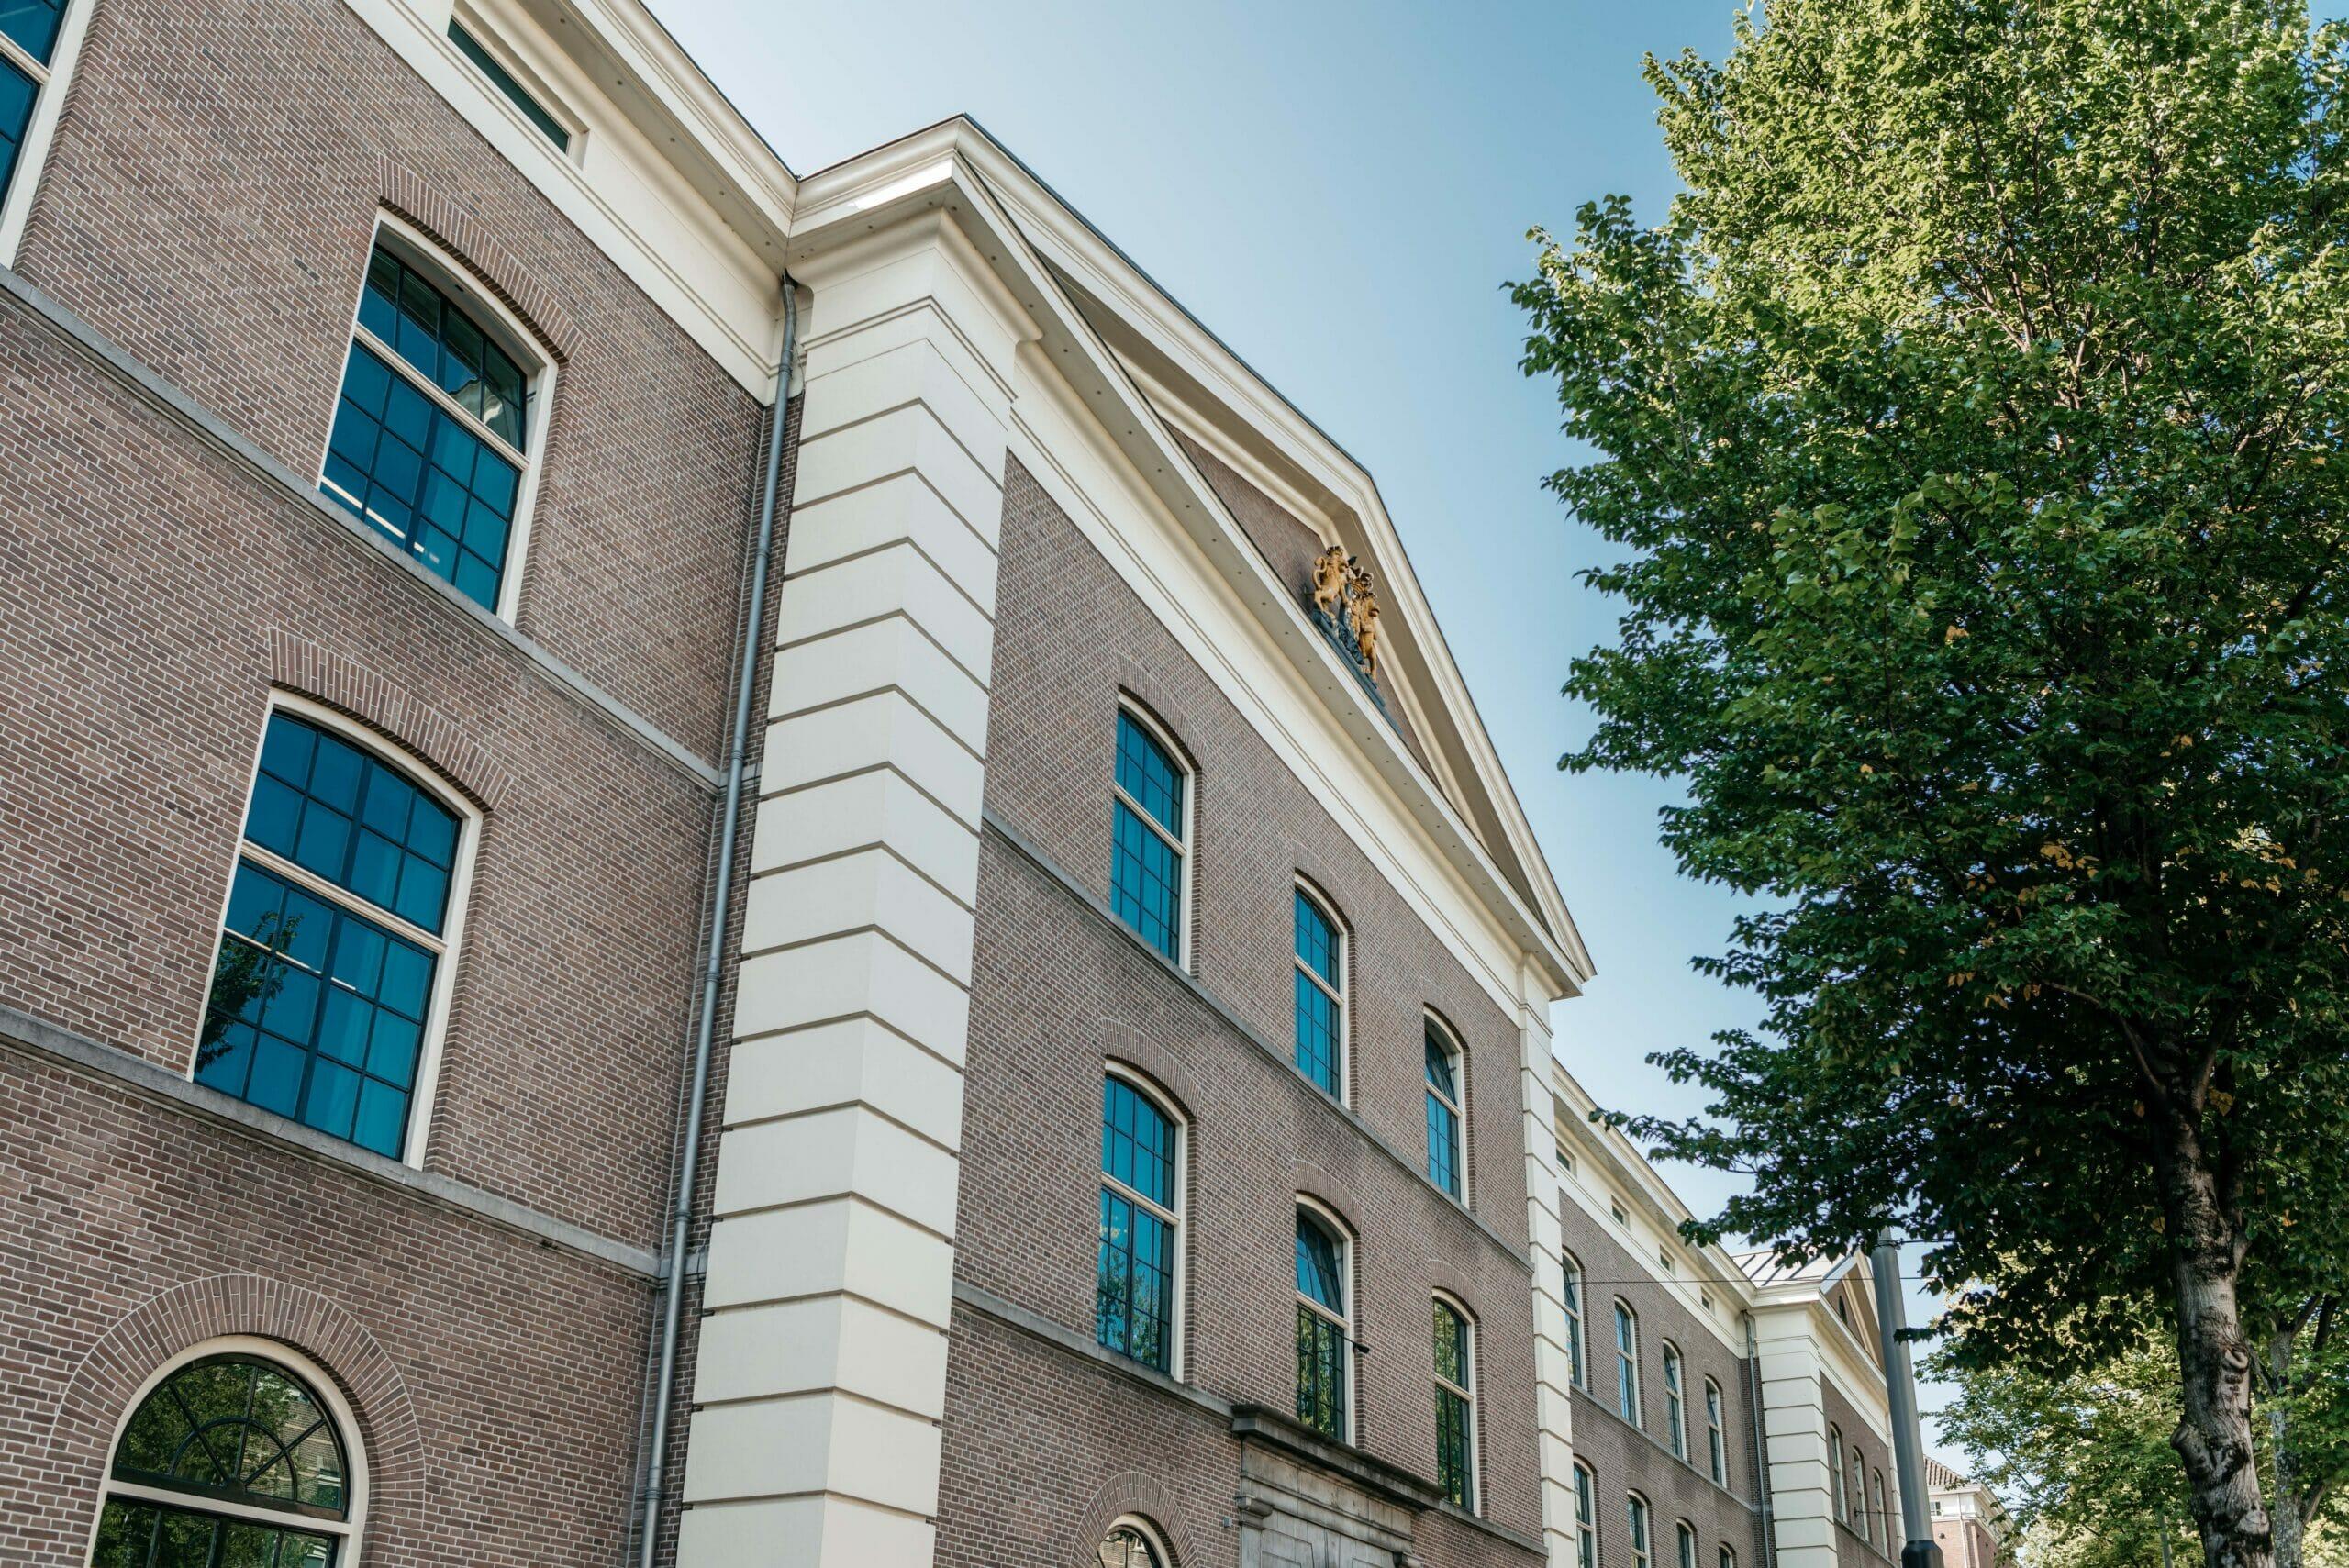 Ovidius Law Amsterdam - Onze advocaten zijn gespecialiseerd in arbeidsrecht, contractenrecht, ondernemingsrecht en privacyrecht.